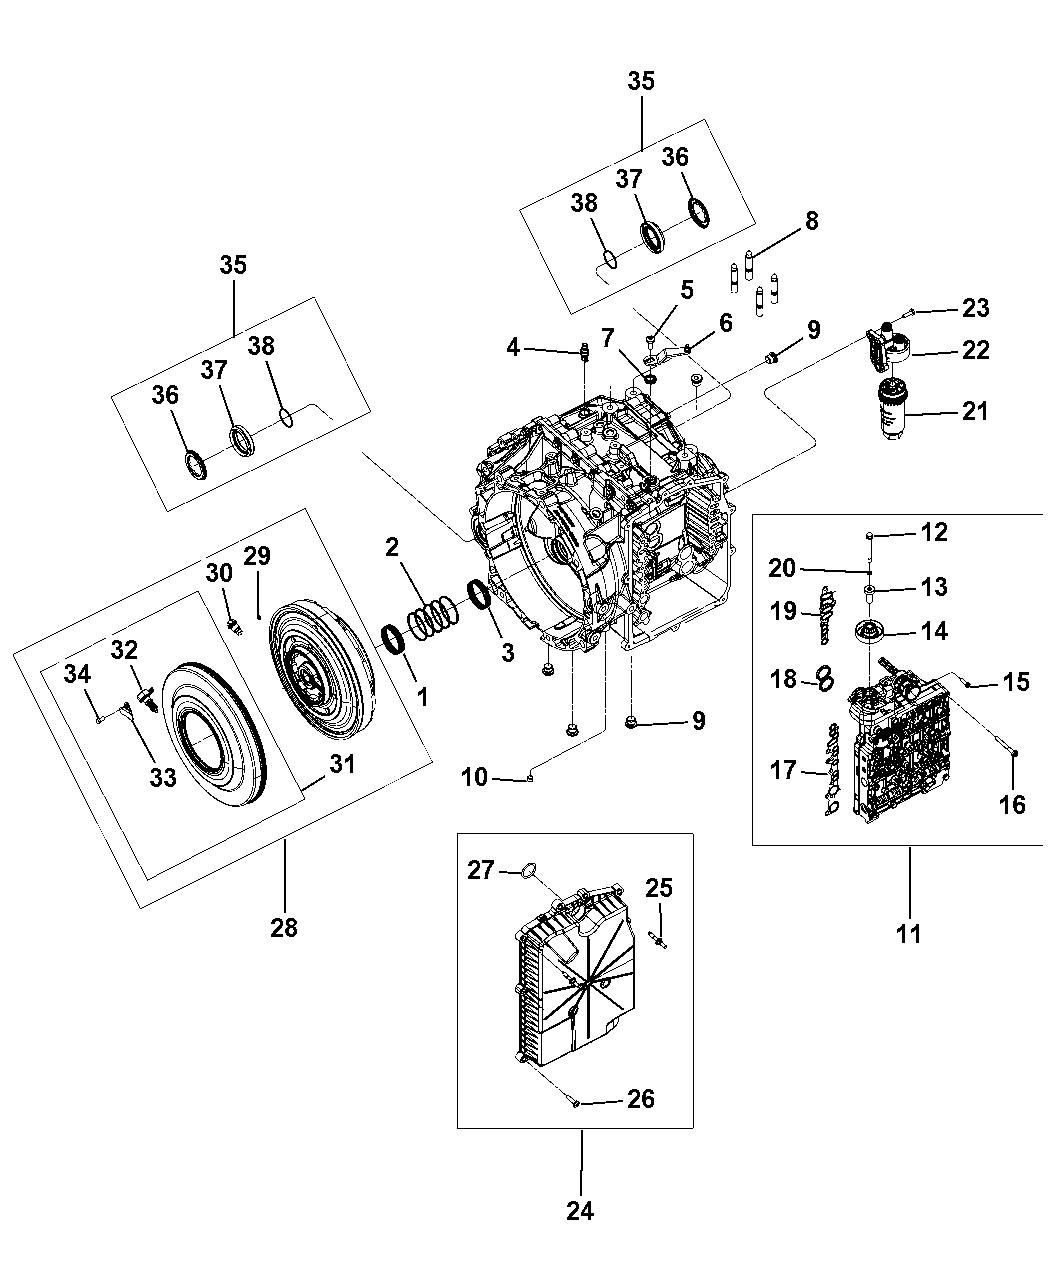 2008 chrysler sebring transmission serviceable parts